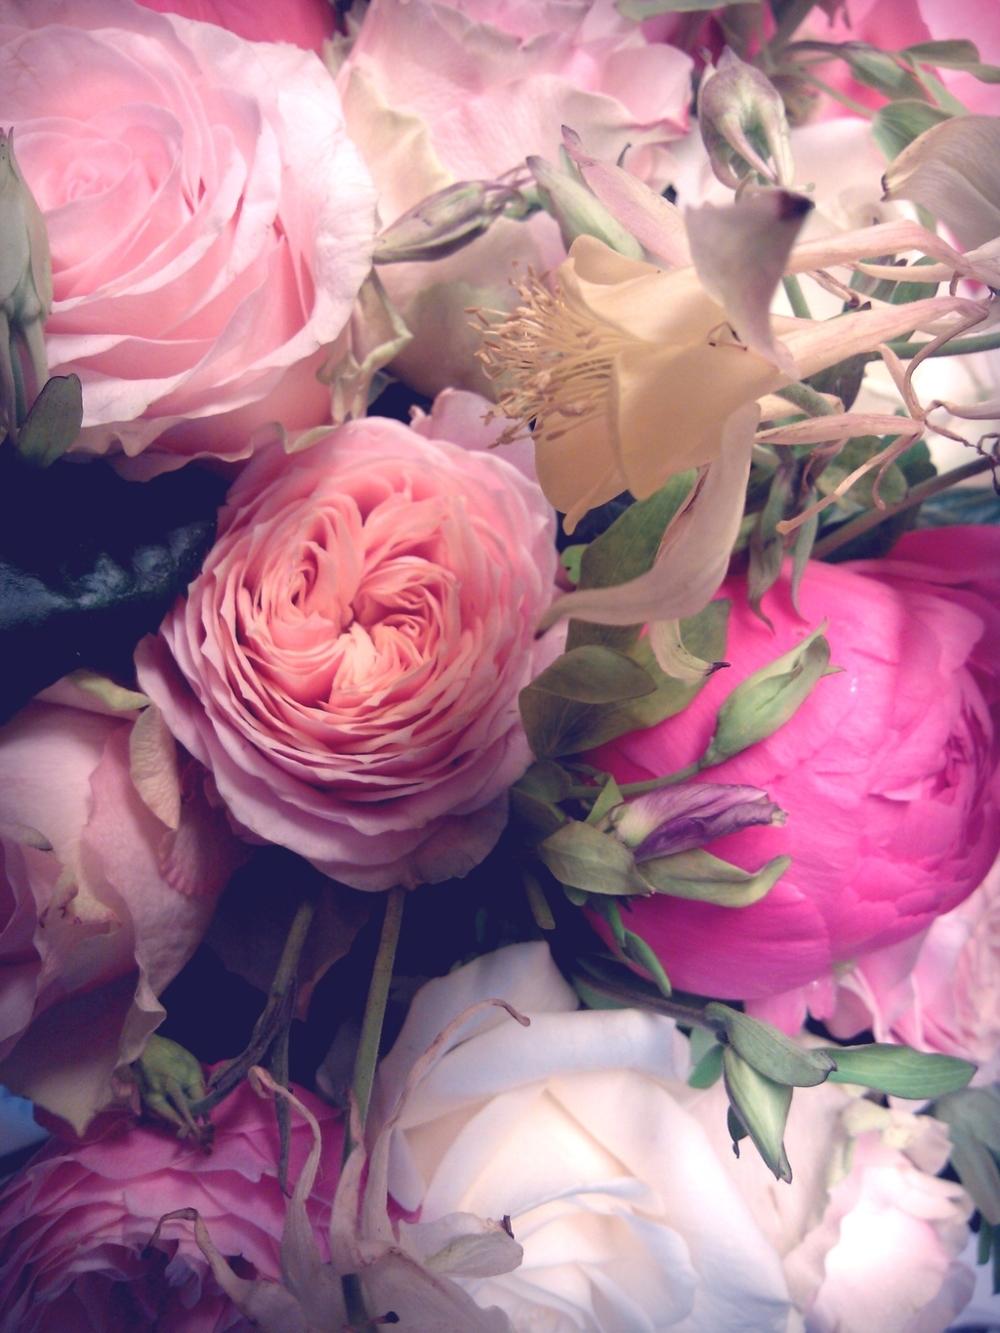 instacam_2012-05-07_07-24-40-.jpg